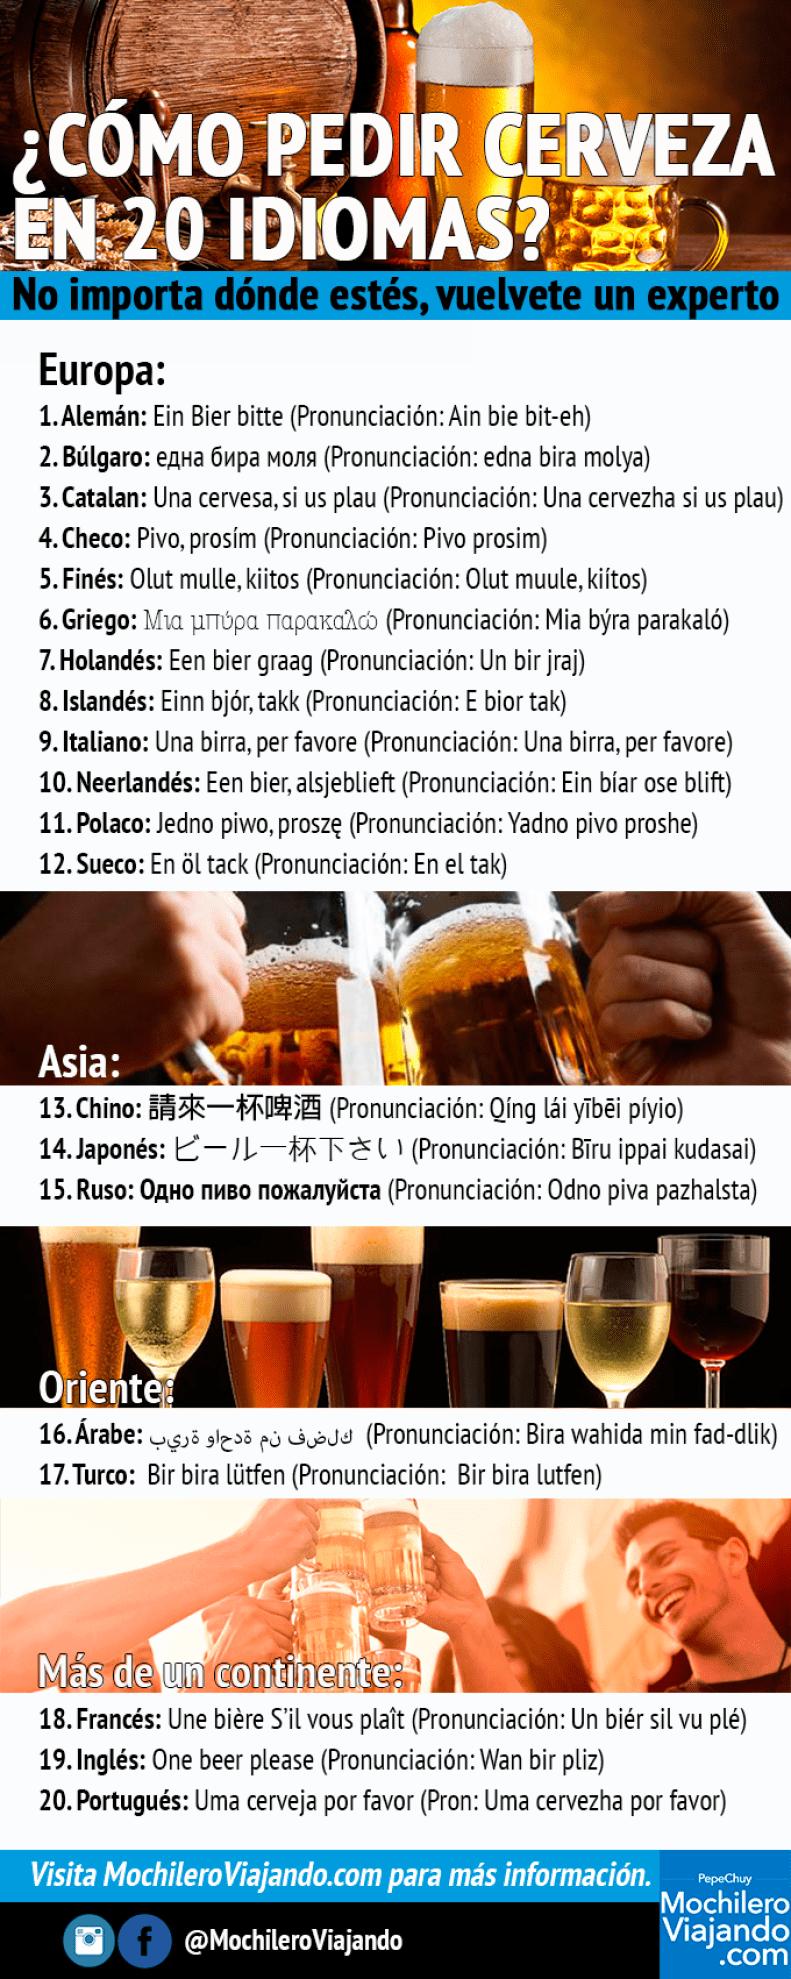 Cómo pedir cerveza en 20 idiomas